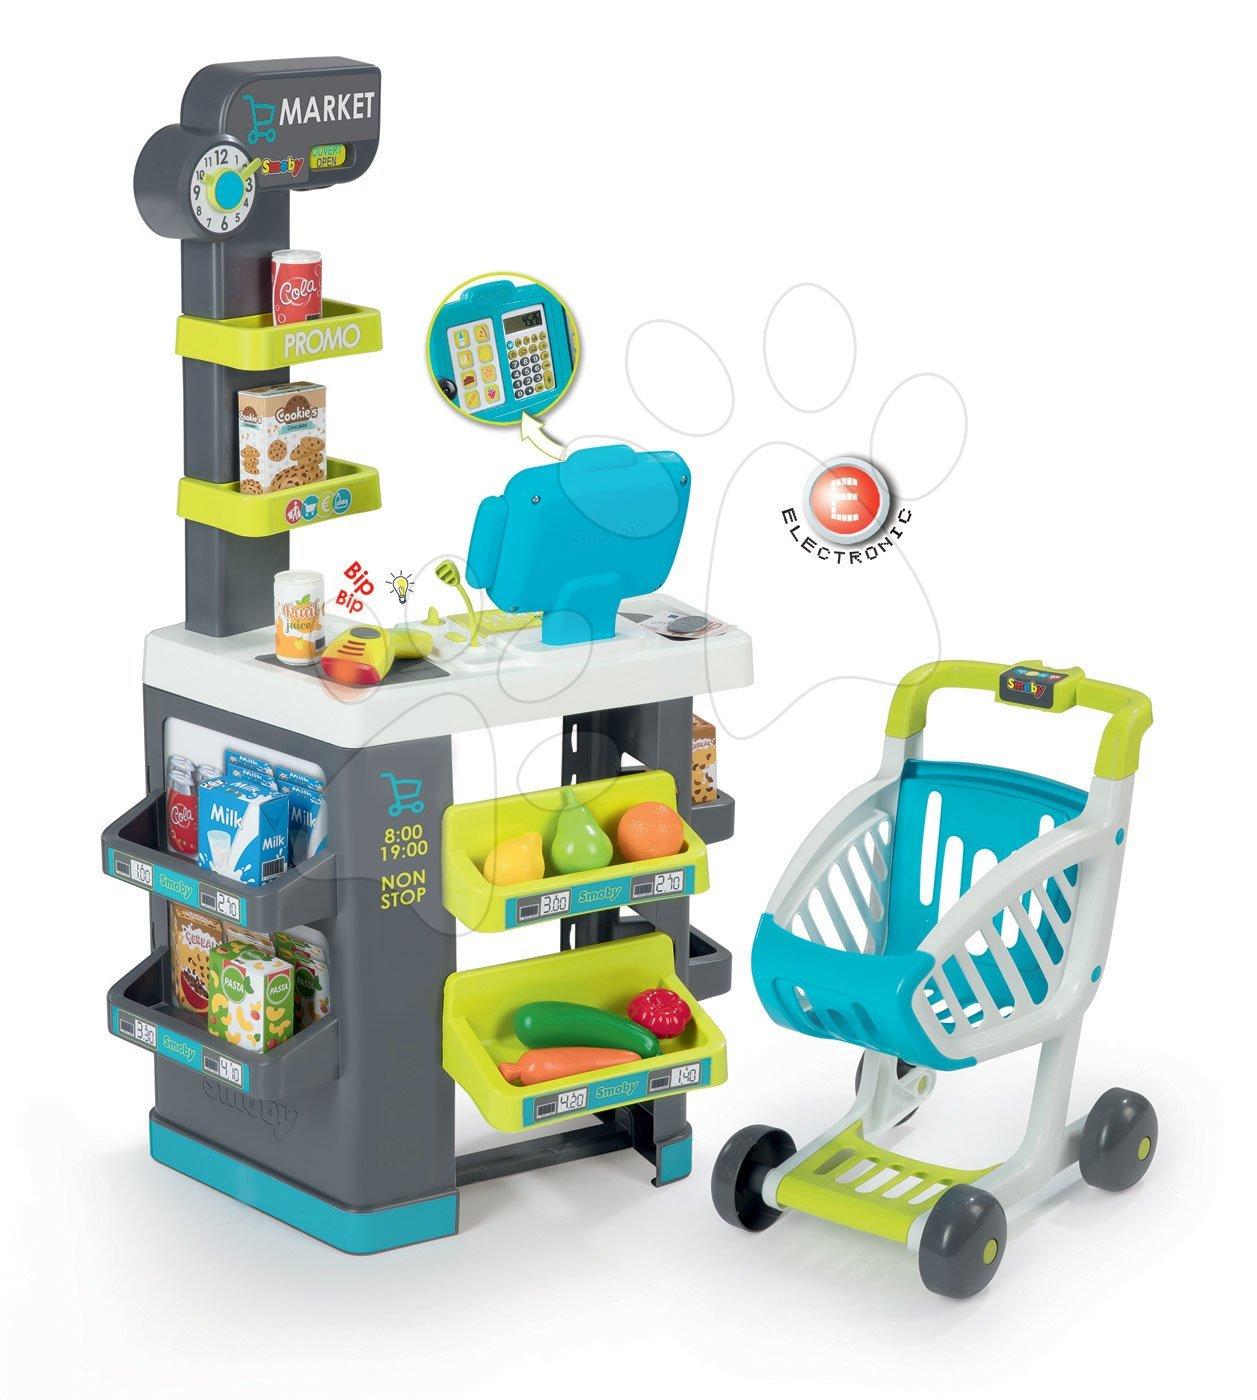 Közért élelmiszerekkel Market Smoby türkíz elektronikus pénztárgéppel és vonalkódolvasóval 34 kiegészítővel